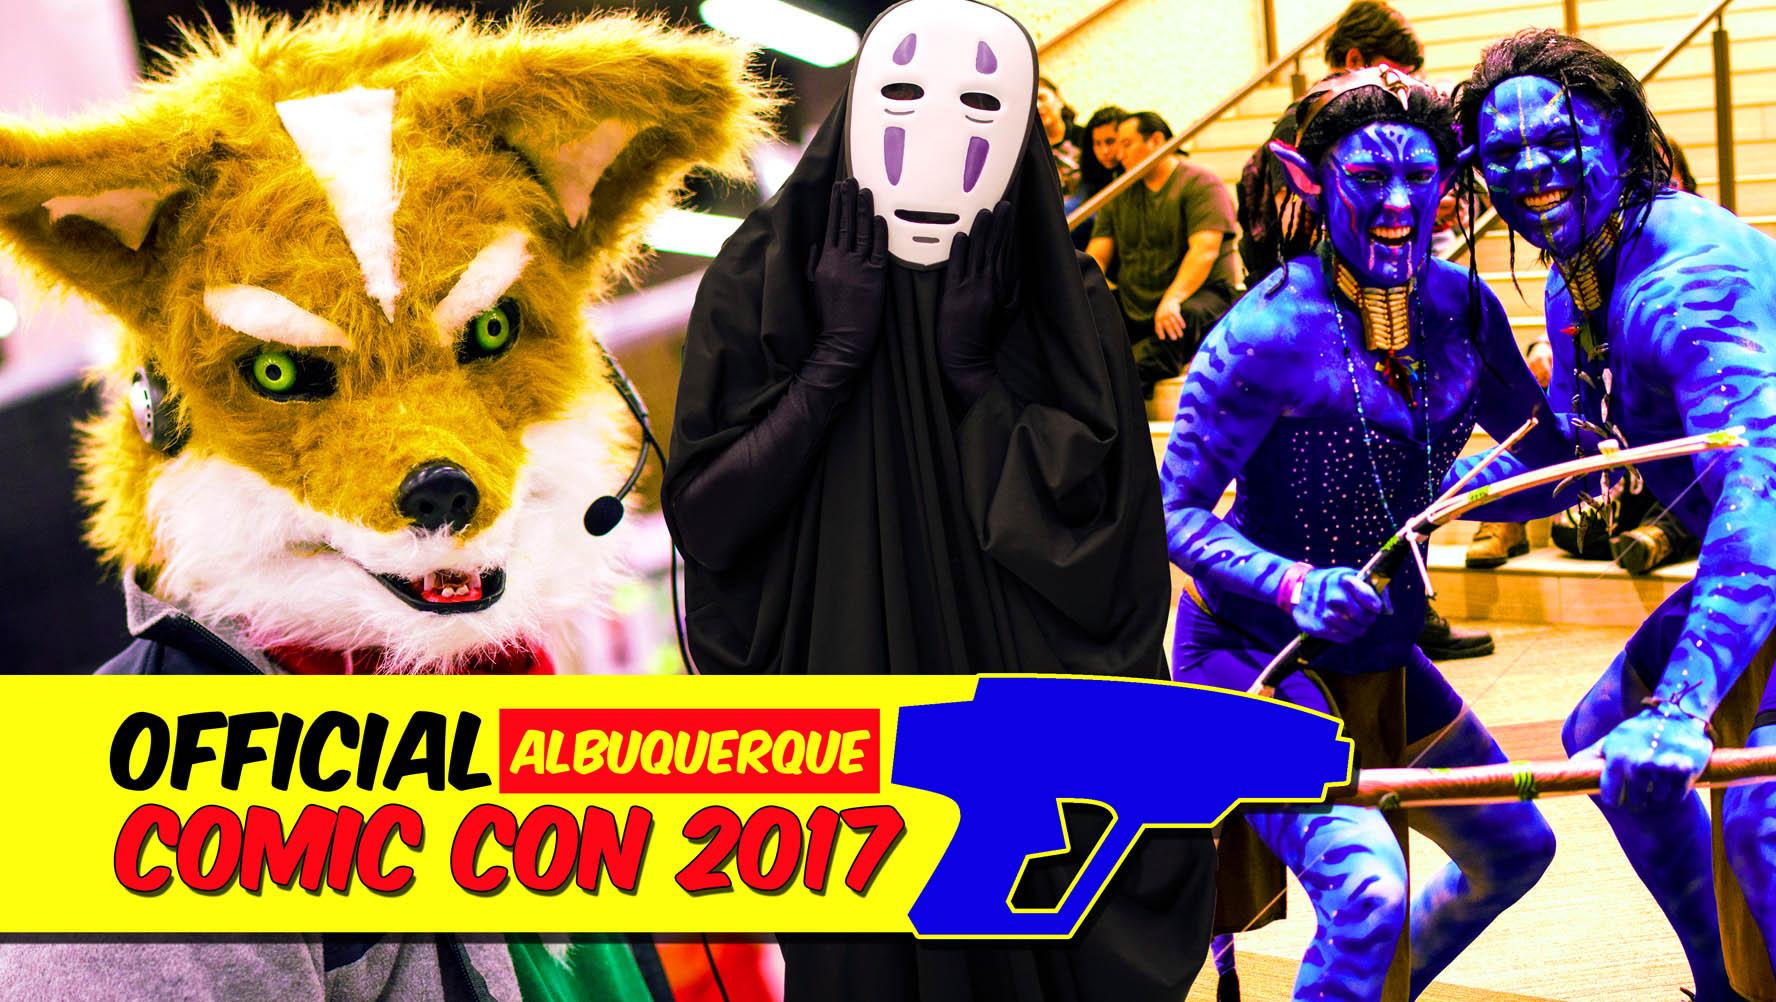 Albuquerque comic con 2017 for Craft shows in albuquerque 2017